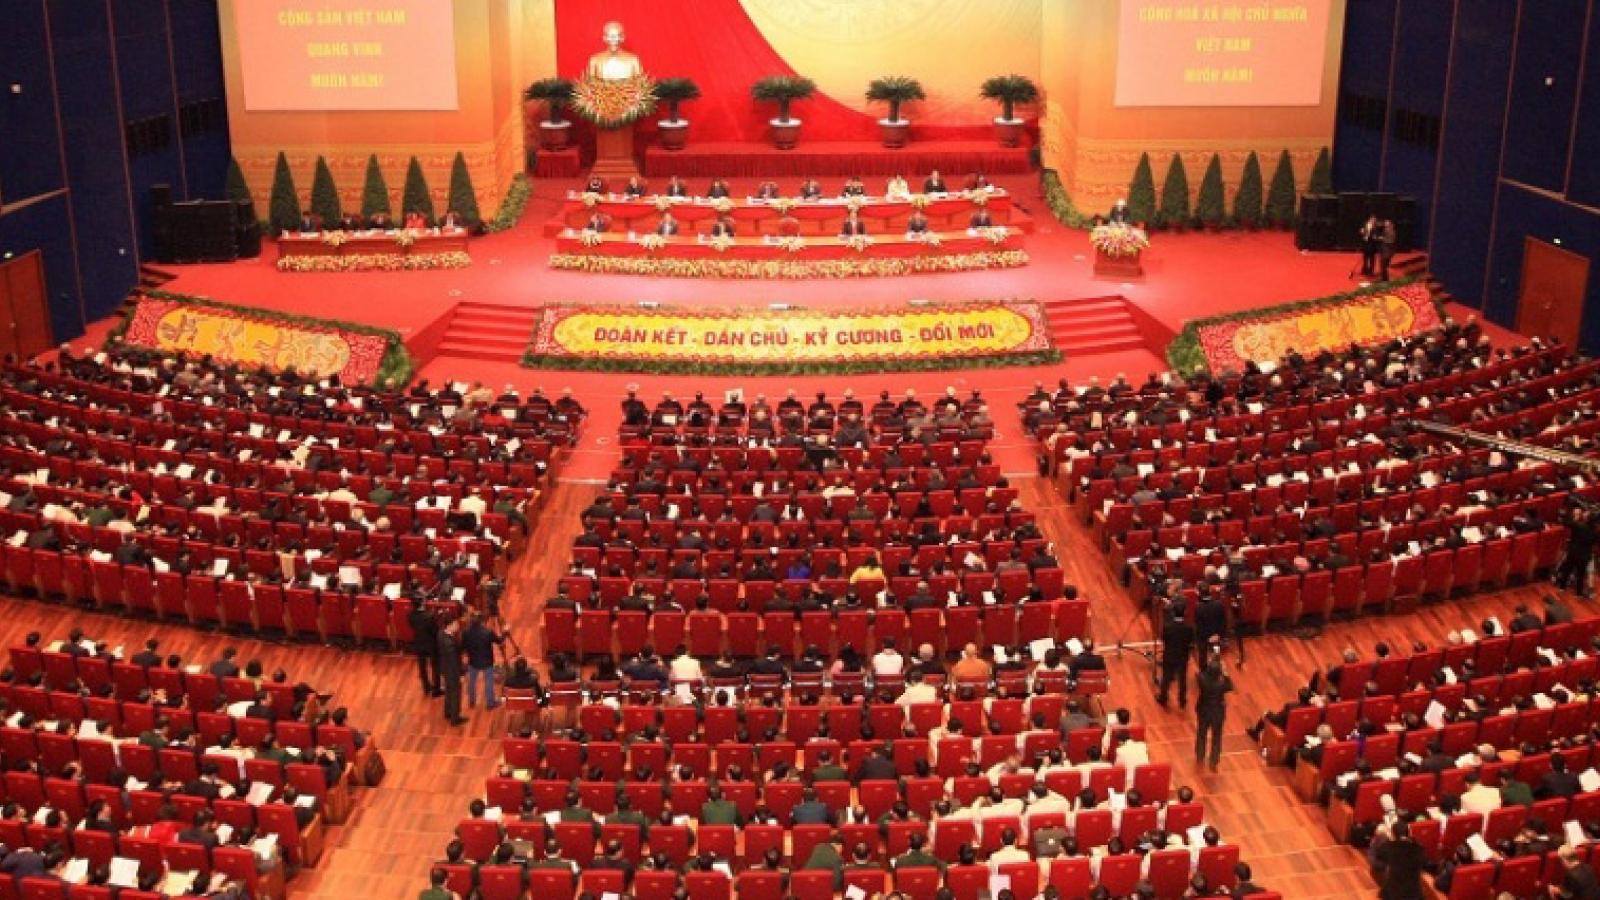 Đại hội Đảng toàn quốc lần thứ XIII sẽ diễn ra từ ngày 25/1/2021 đến 2/2/2021